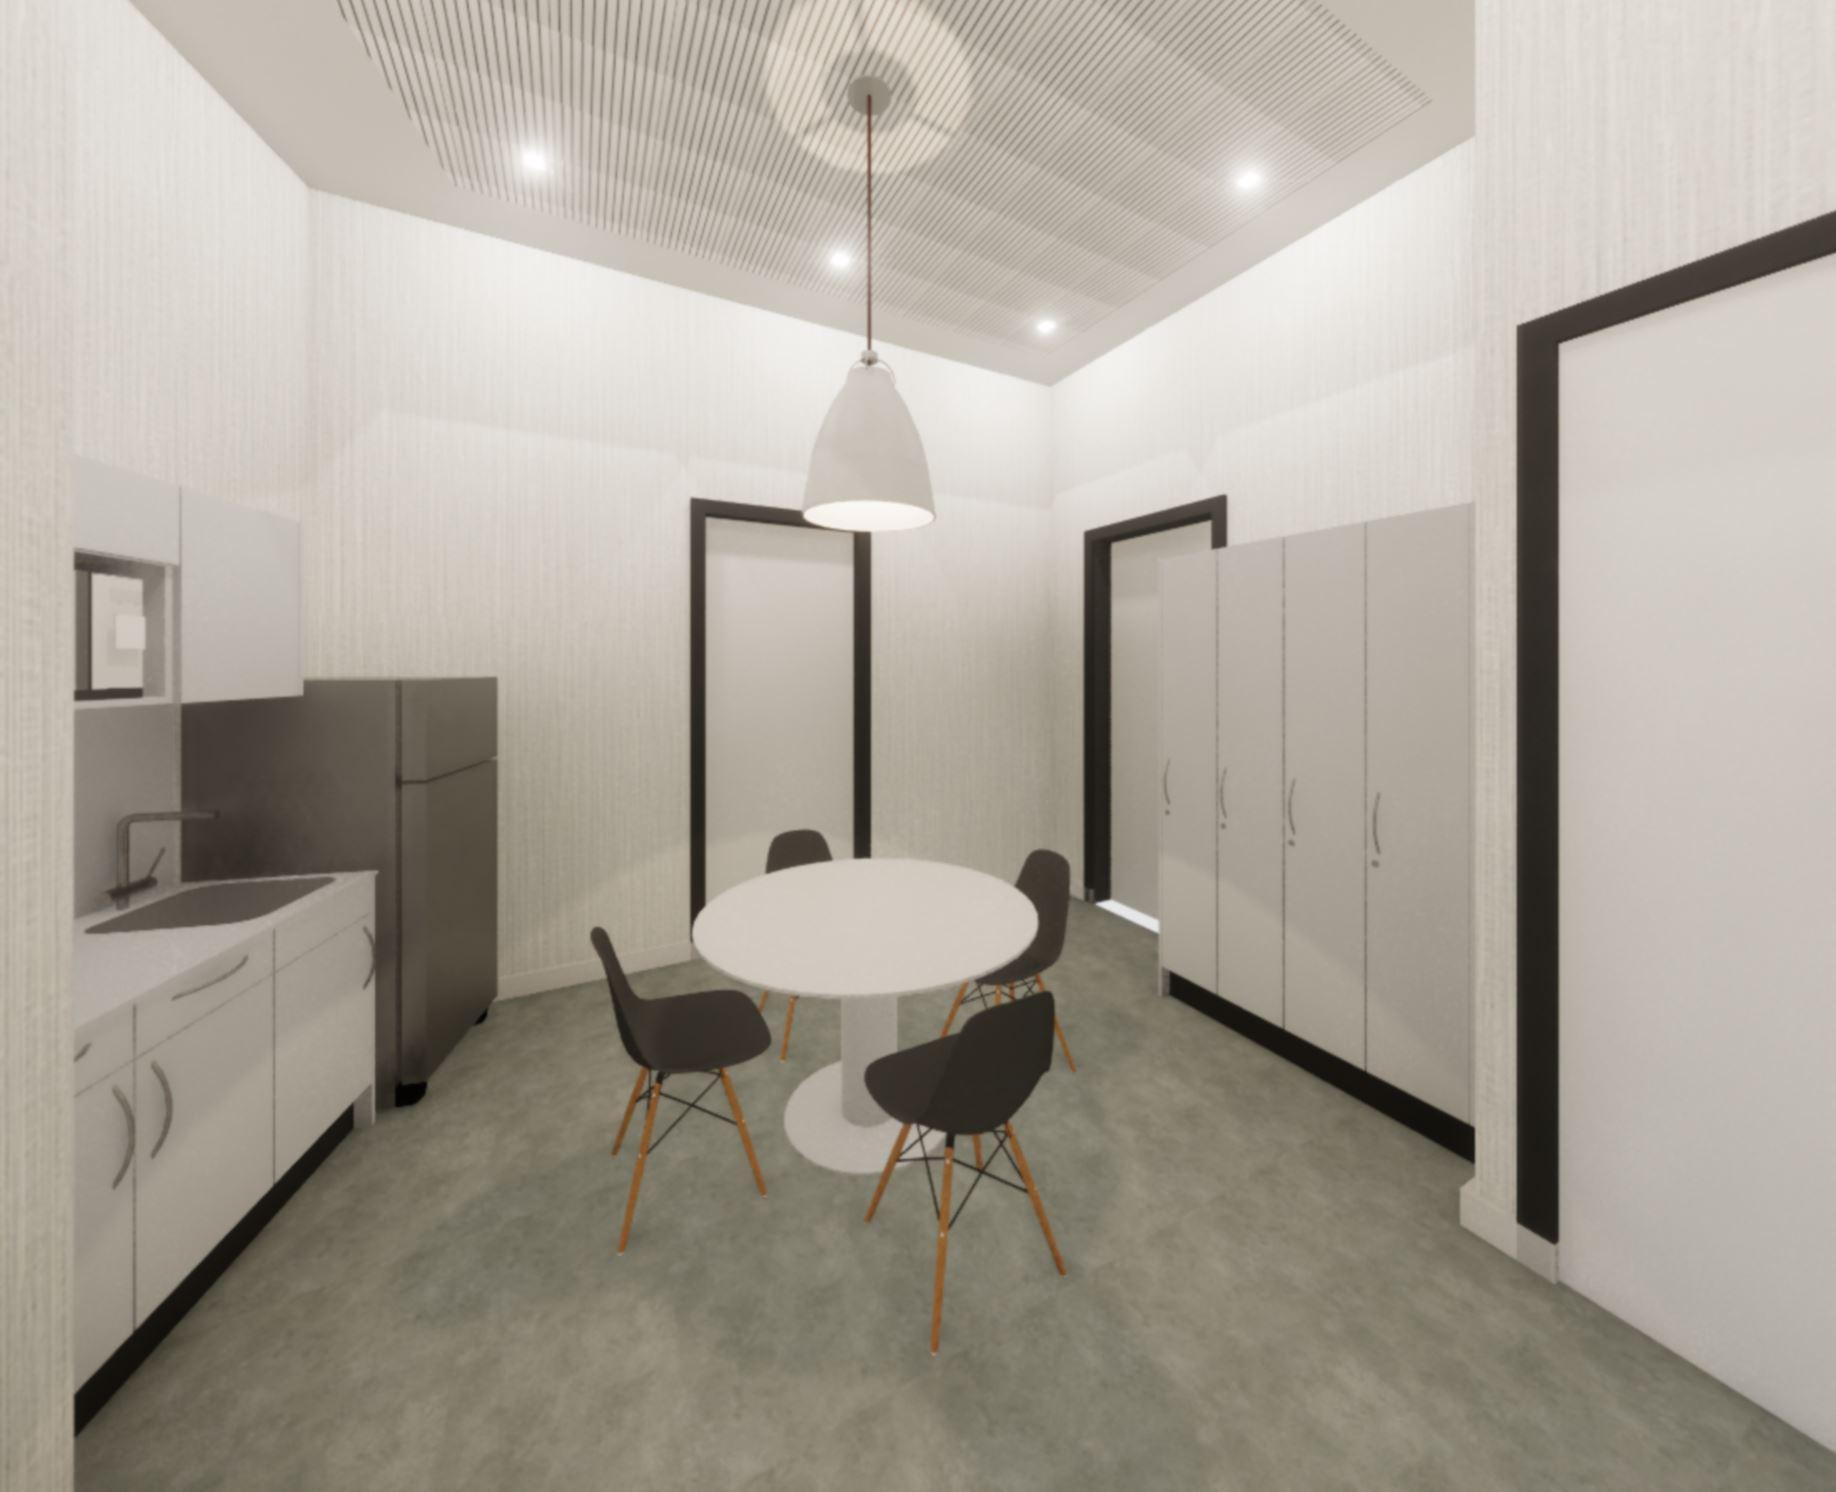 modern break room for a dental office